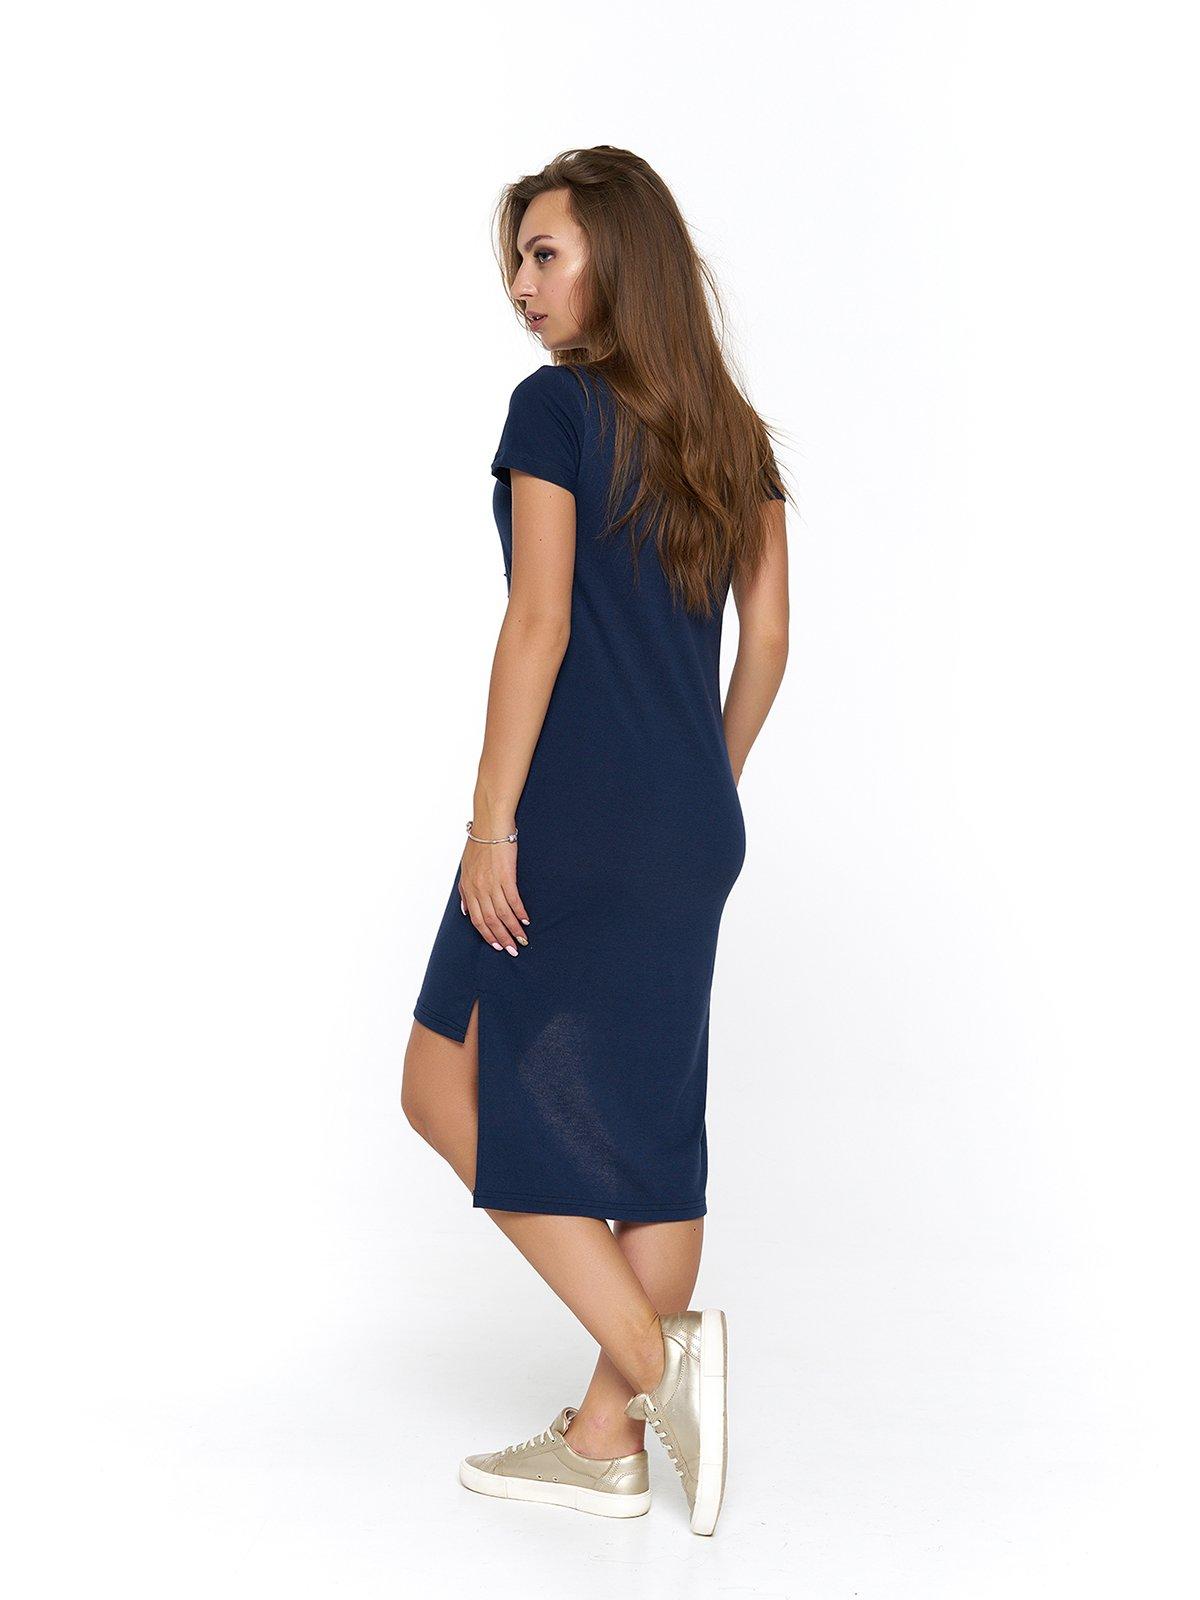 Сукня синя з принтом | 3475043 | фото 2